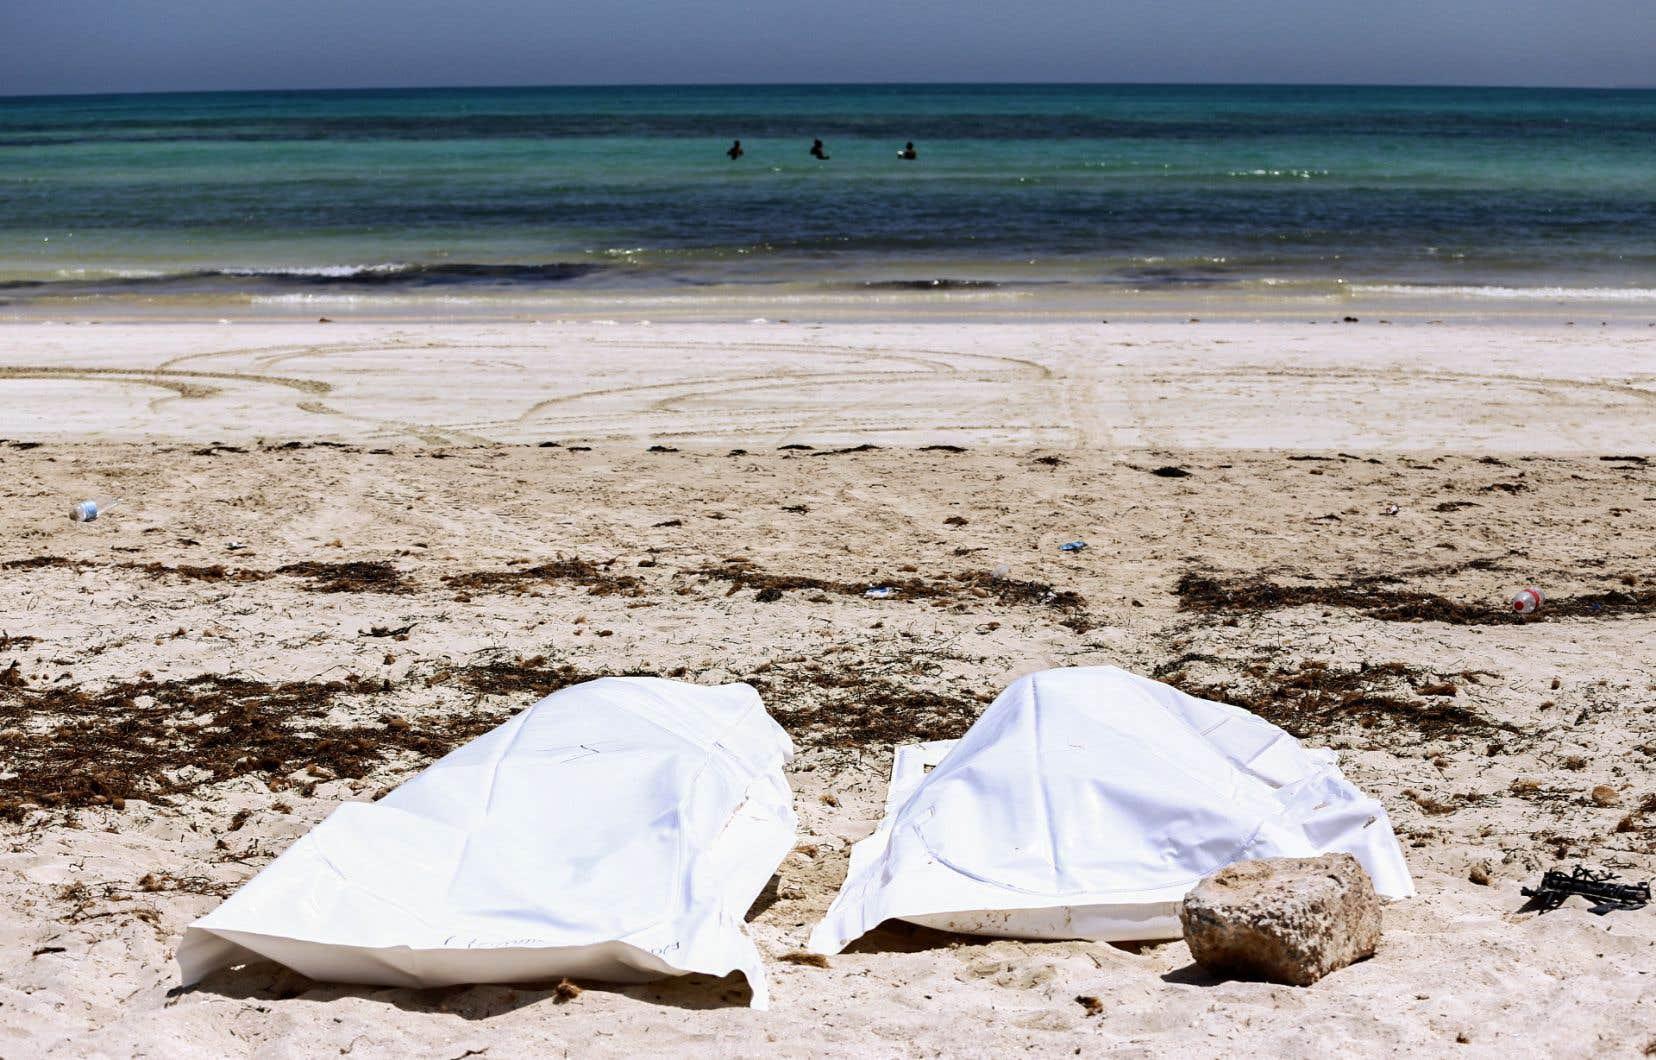 Sur la plage d'Aghir, dans le sud de la Tunisie, des dépouilles retrouvées provenant d'un bateau transportant 86 migrants qui ont péri au large de la côte tunisienne, alors qu'ils traversaient la Méditerranée entre la Libye et l'Italie.